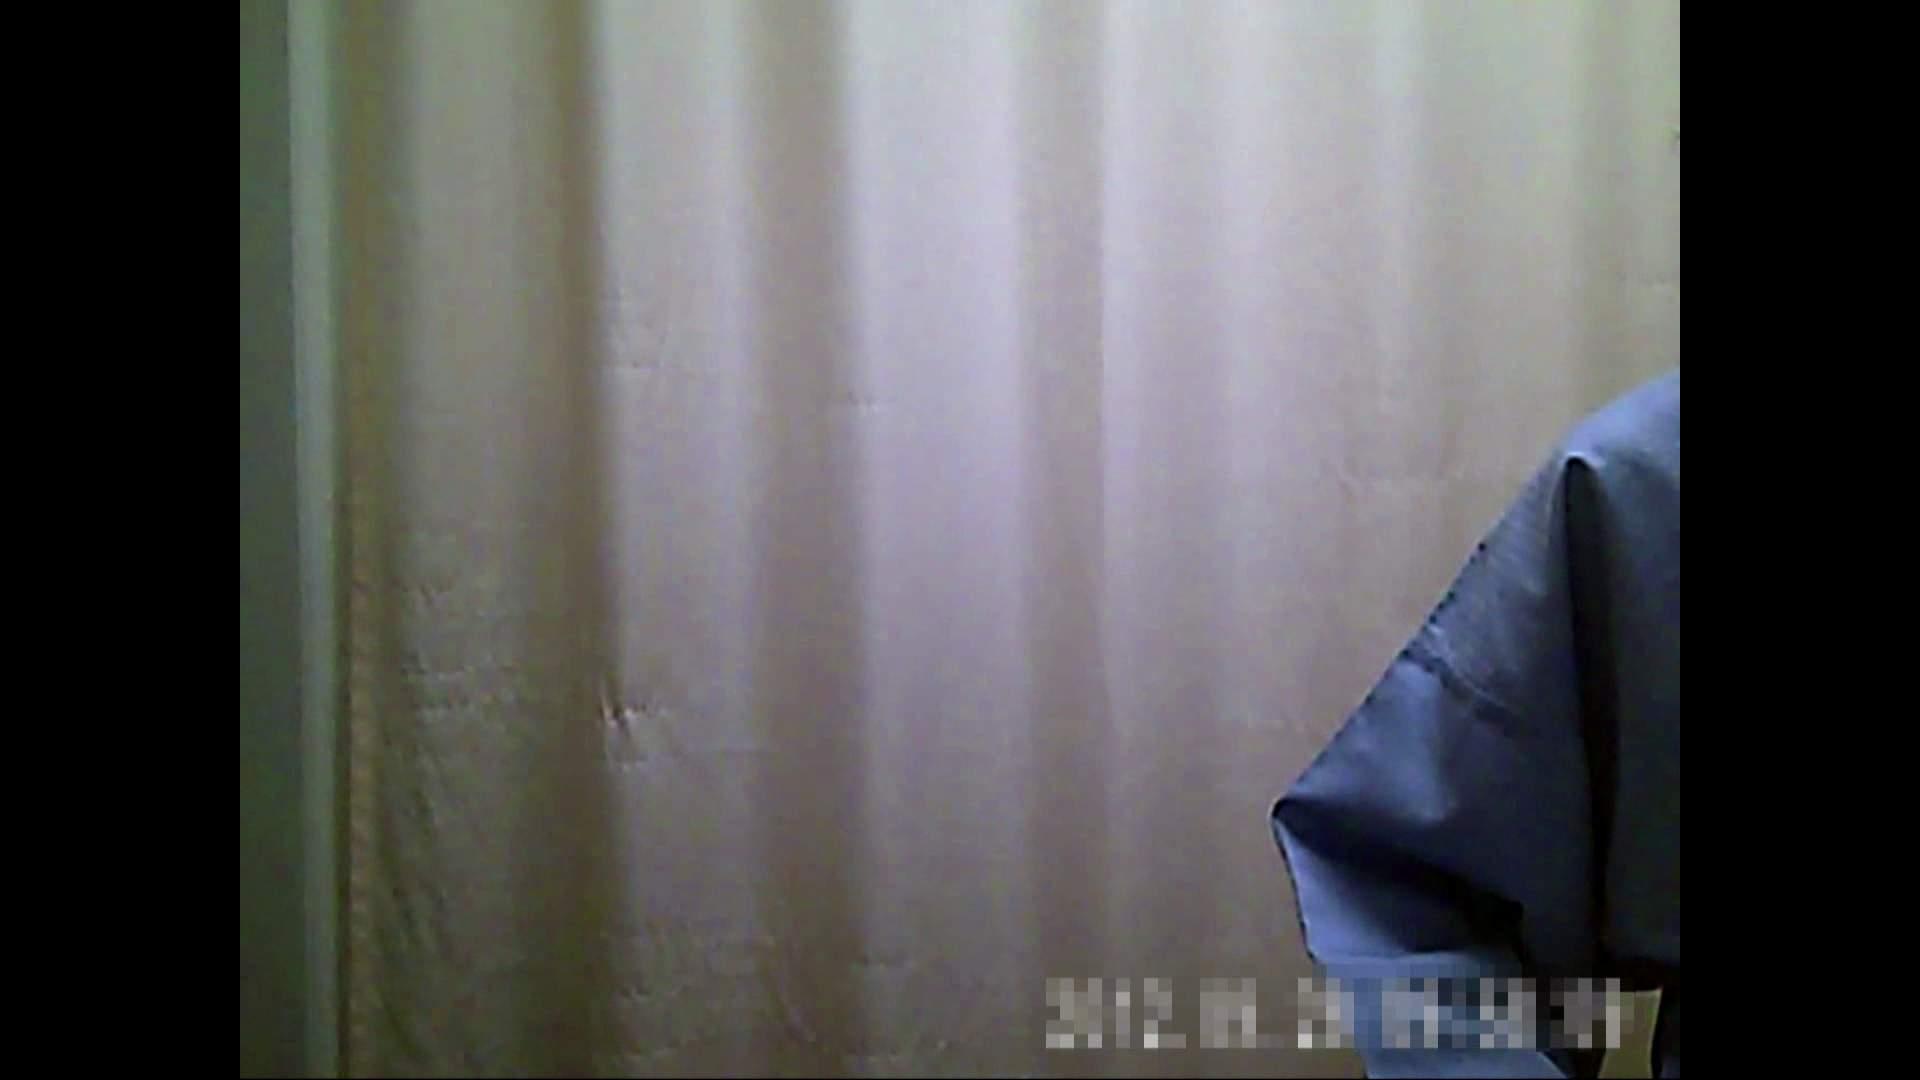 元医者による反抗 更衣室地獄絵巻 vol.075 OLのボディ  51PIX 4